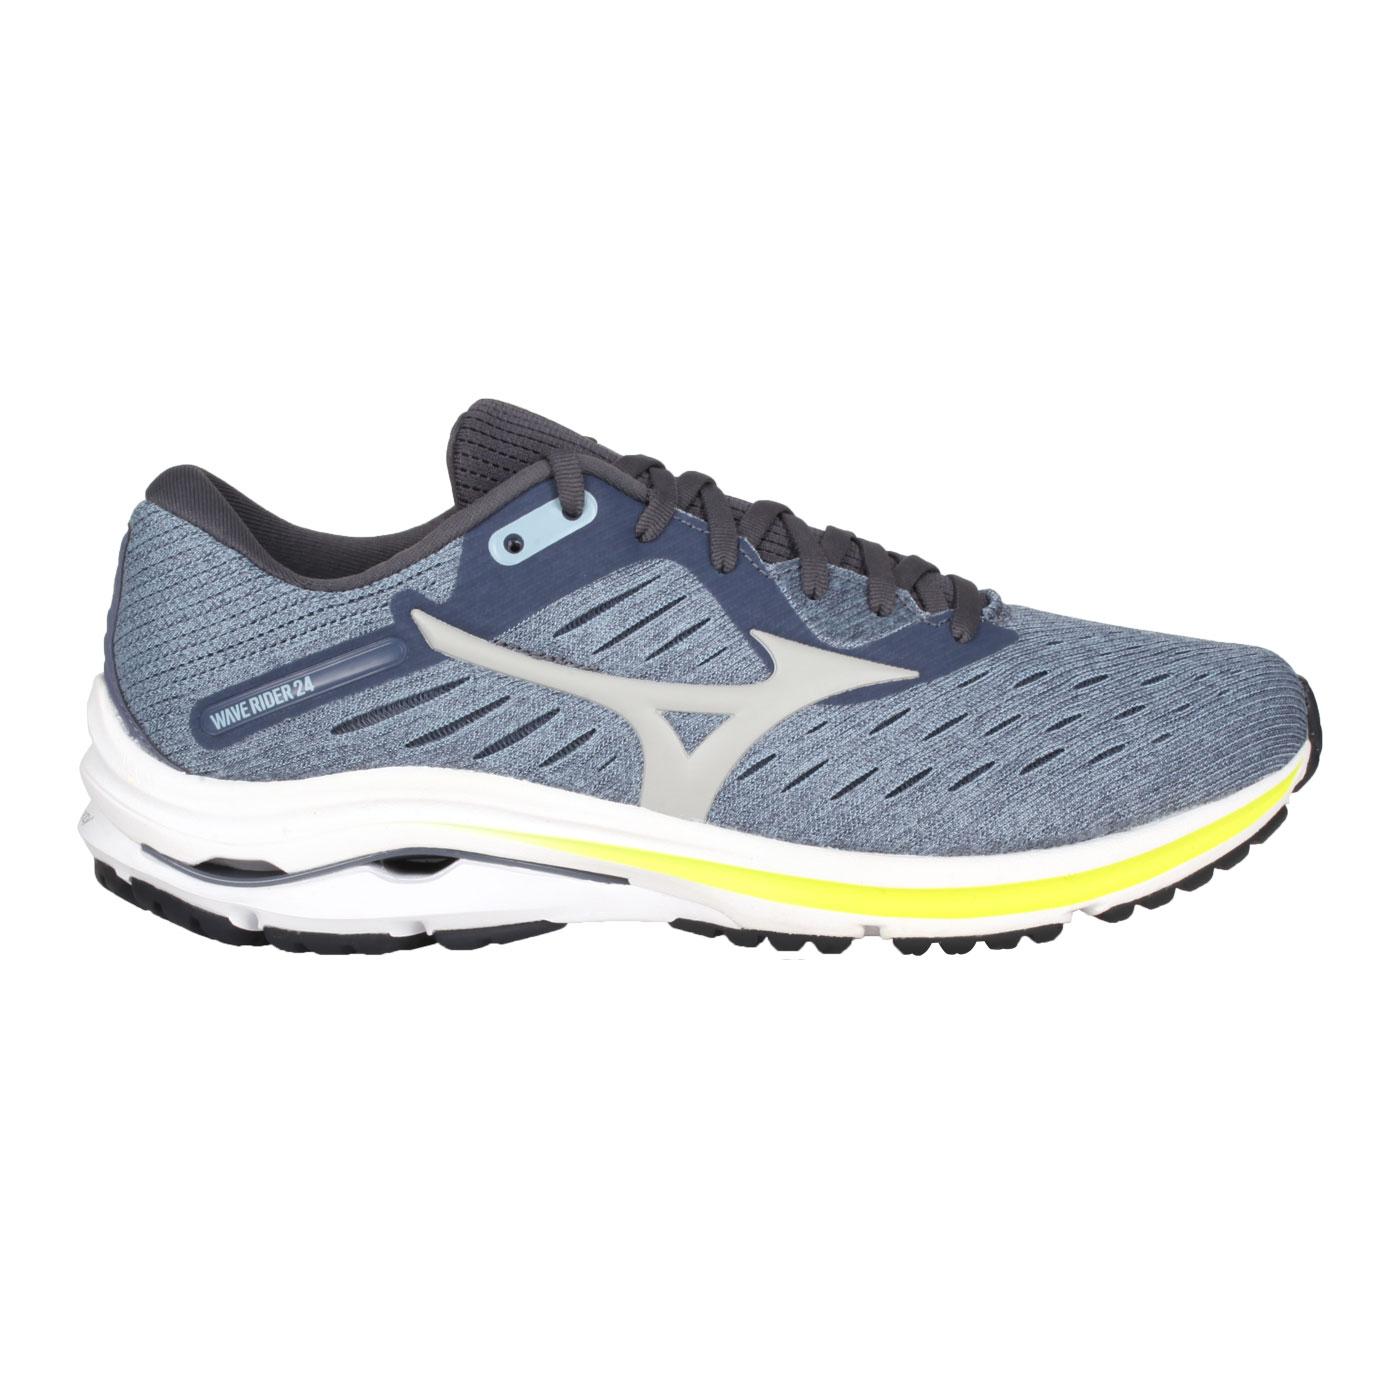 MIZUNO 男款慢跑鞋 J1GC200455